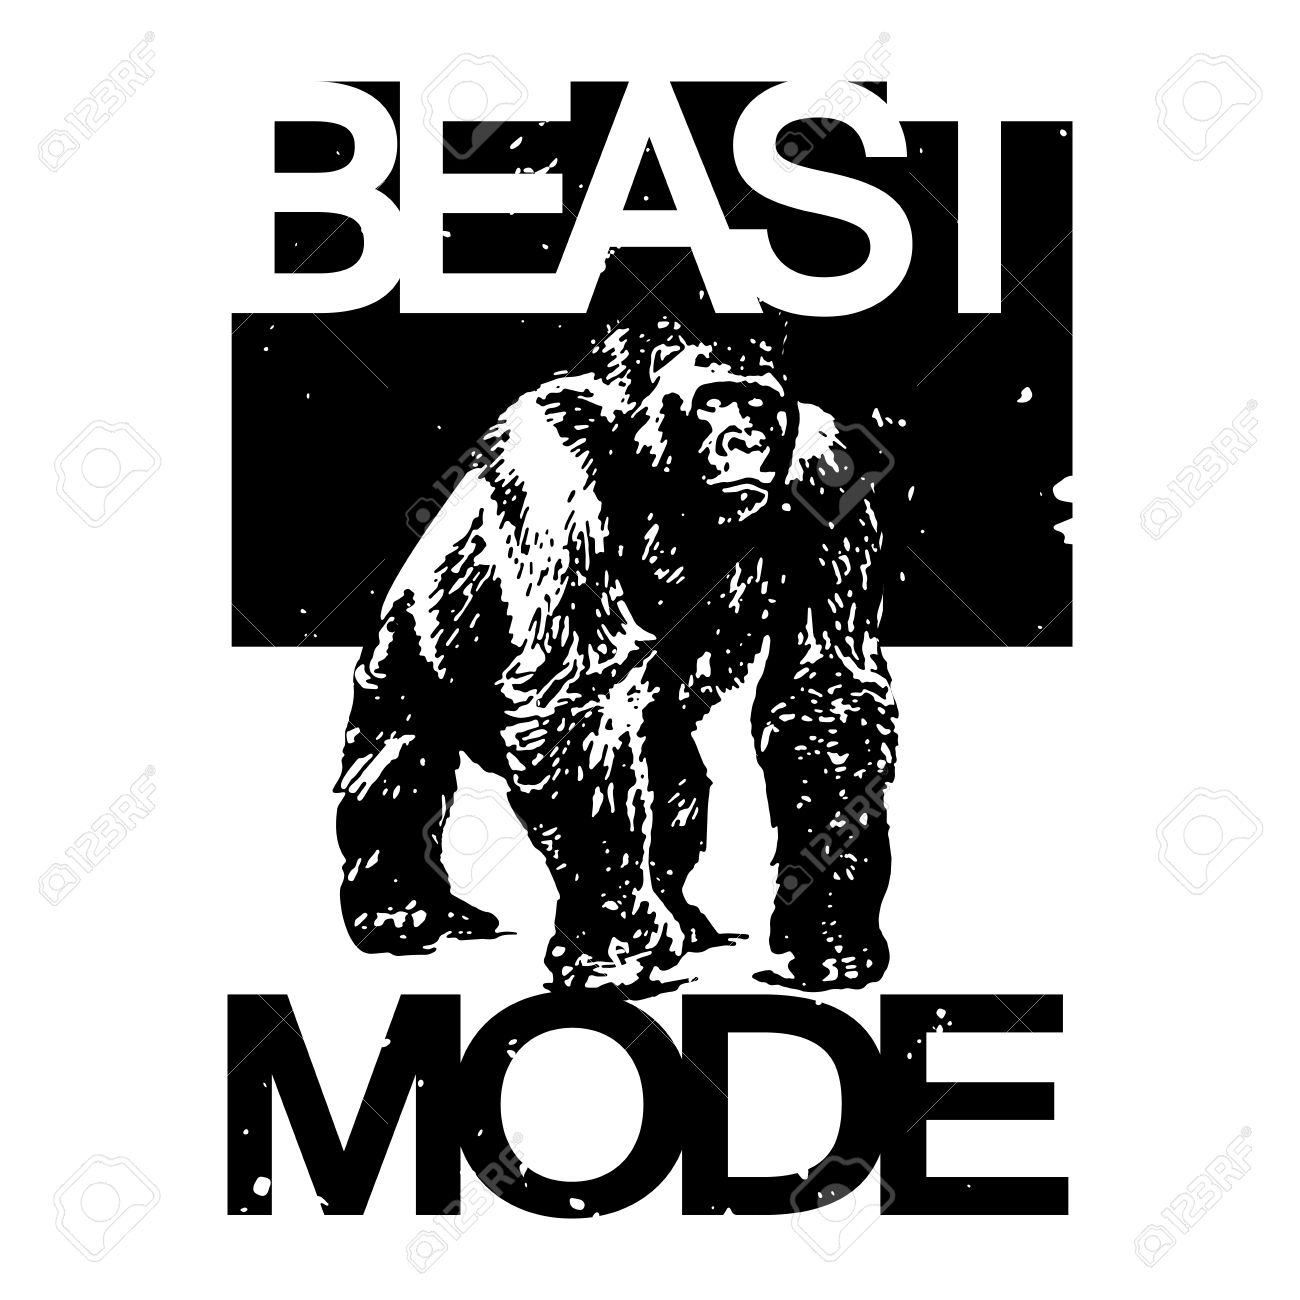 T shirt design vectors - Beast Mode Big Gorilla Monkey Monochrome T Shirt Design Vector Illustration Stock Vector